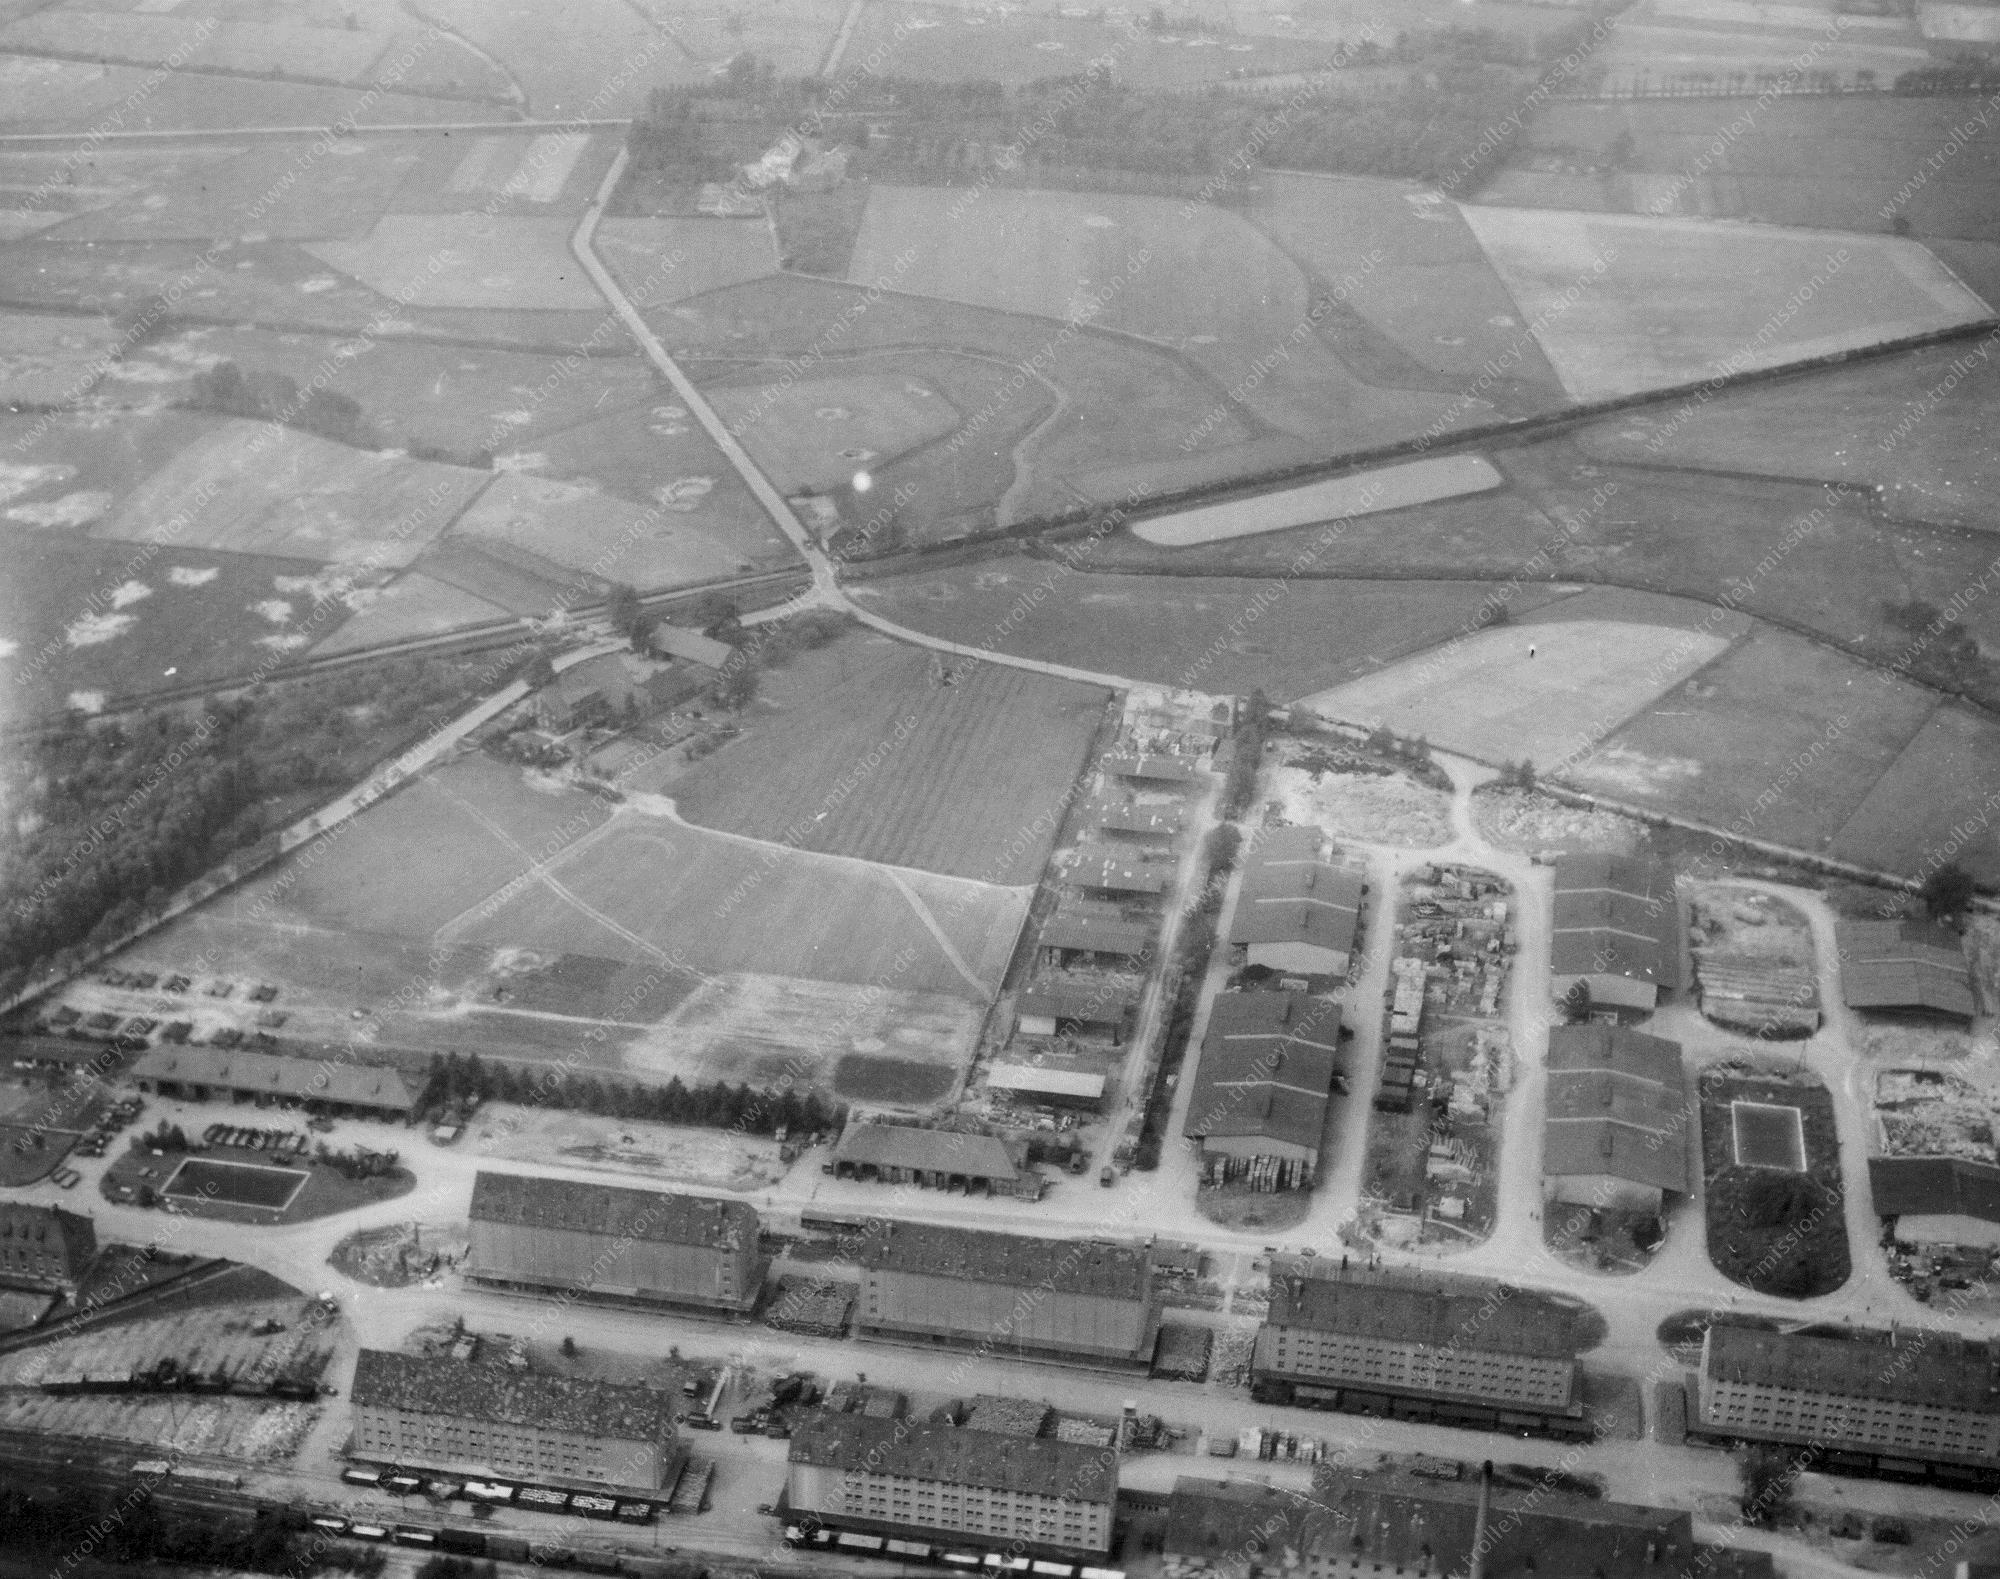 Münster Luftbild der Lagerhäuser an den Speichern in Münster-Coerde